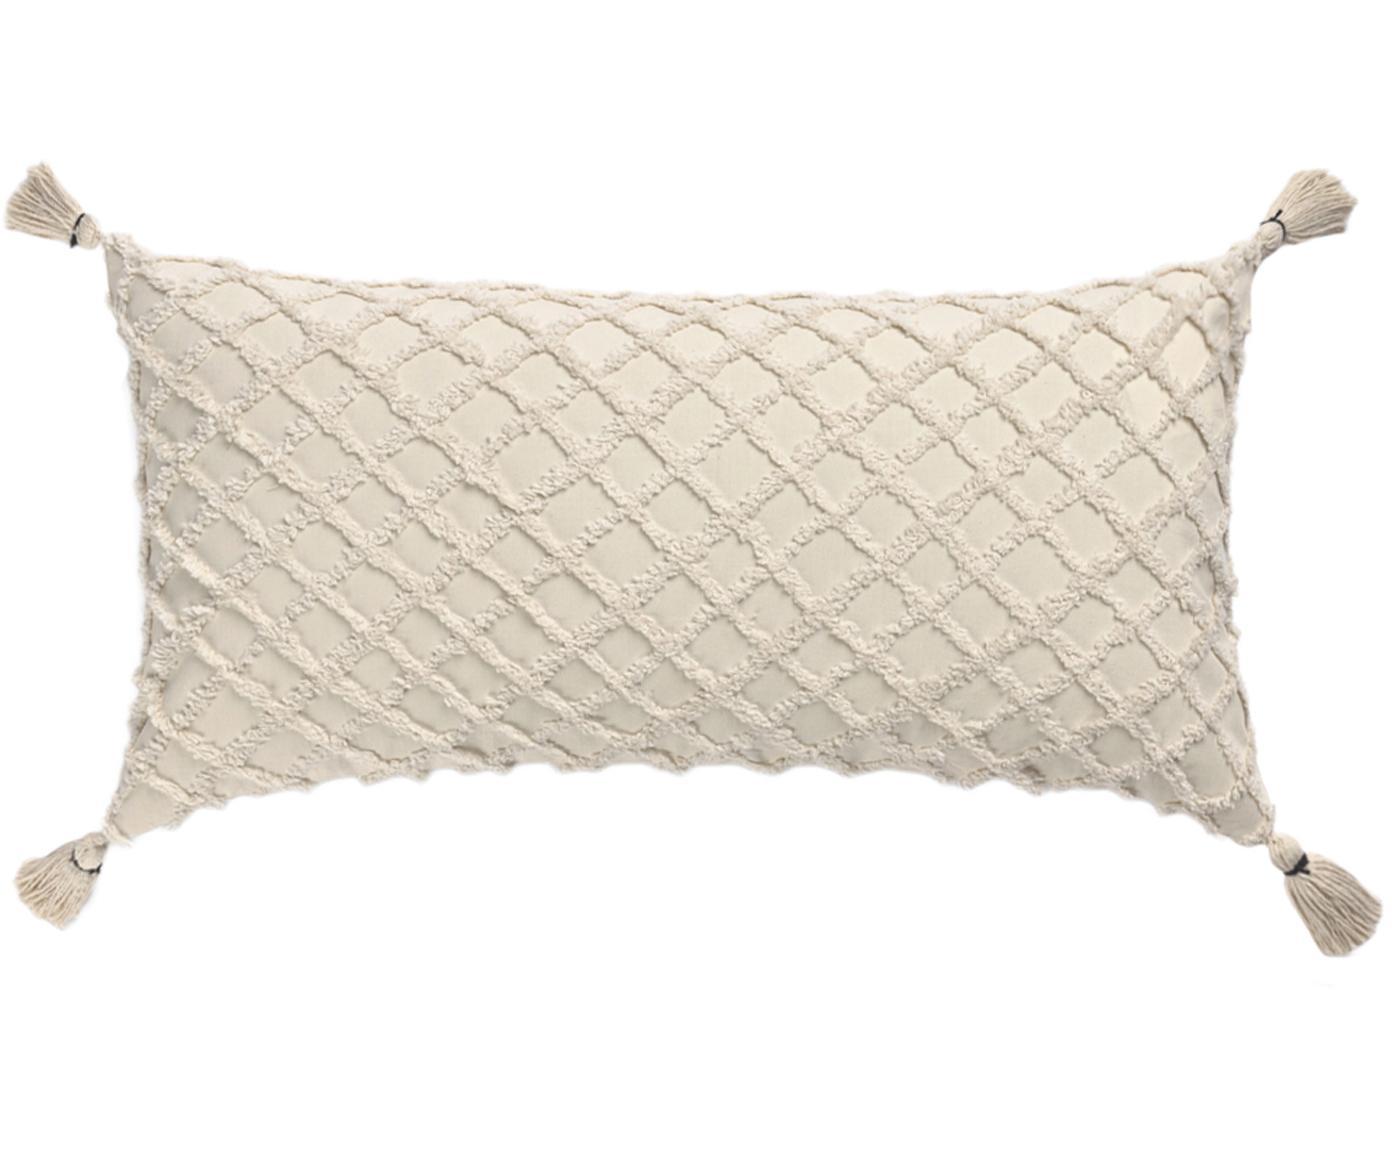 Kussenhoes Royal, Katoen, Gebroken wit, 30 x 60 cm